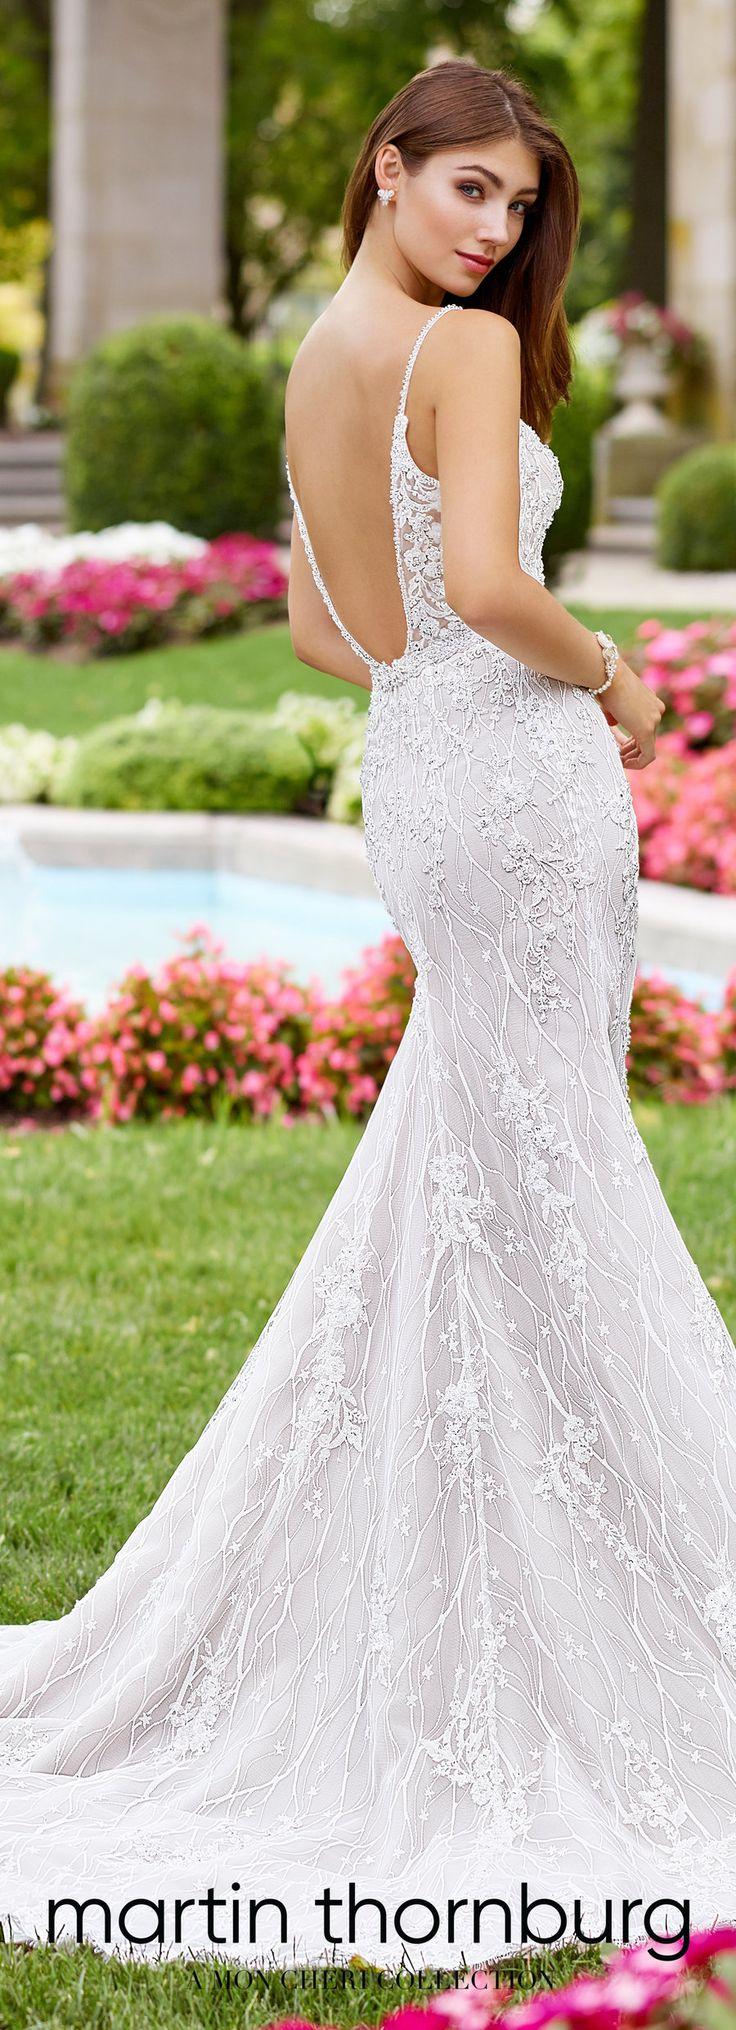 Groß Brautkleider Chattanooga Tn Zeitgenössisch - Hochzeit Kleid ...